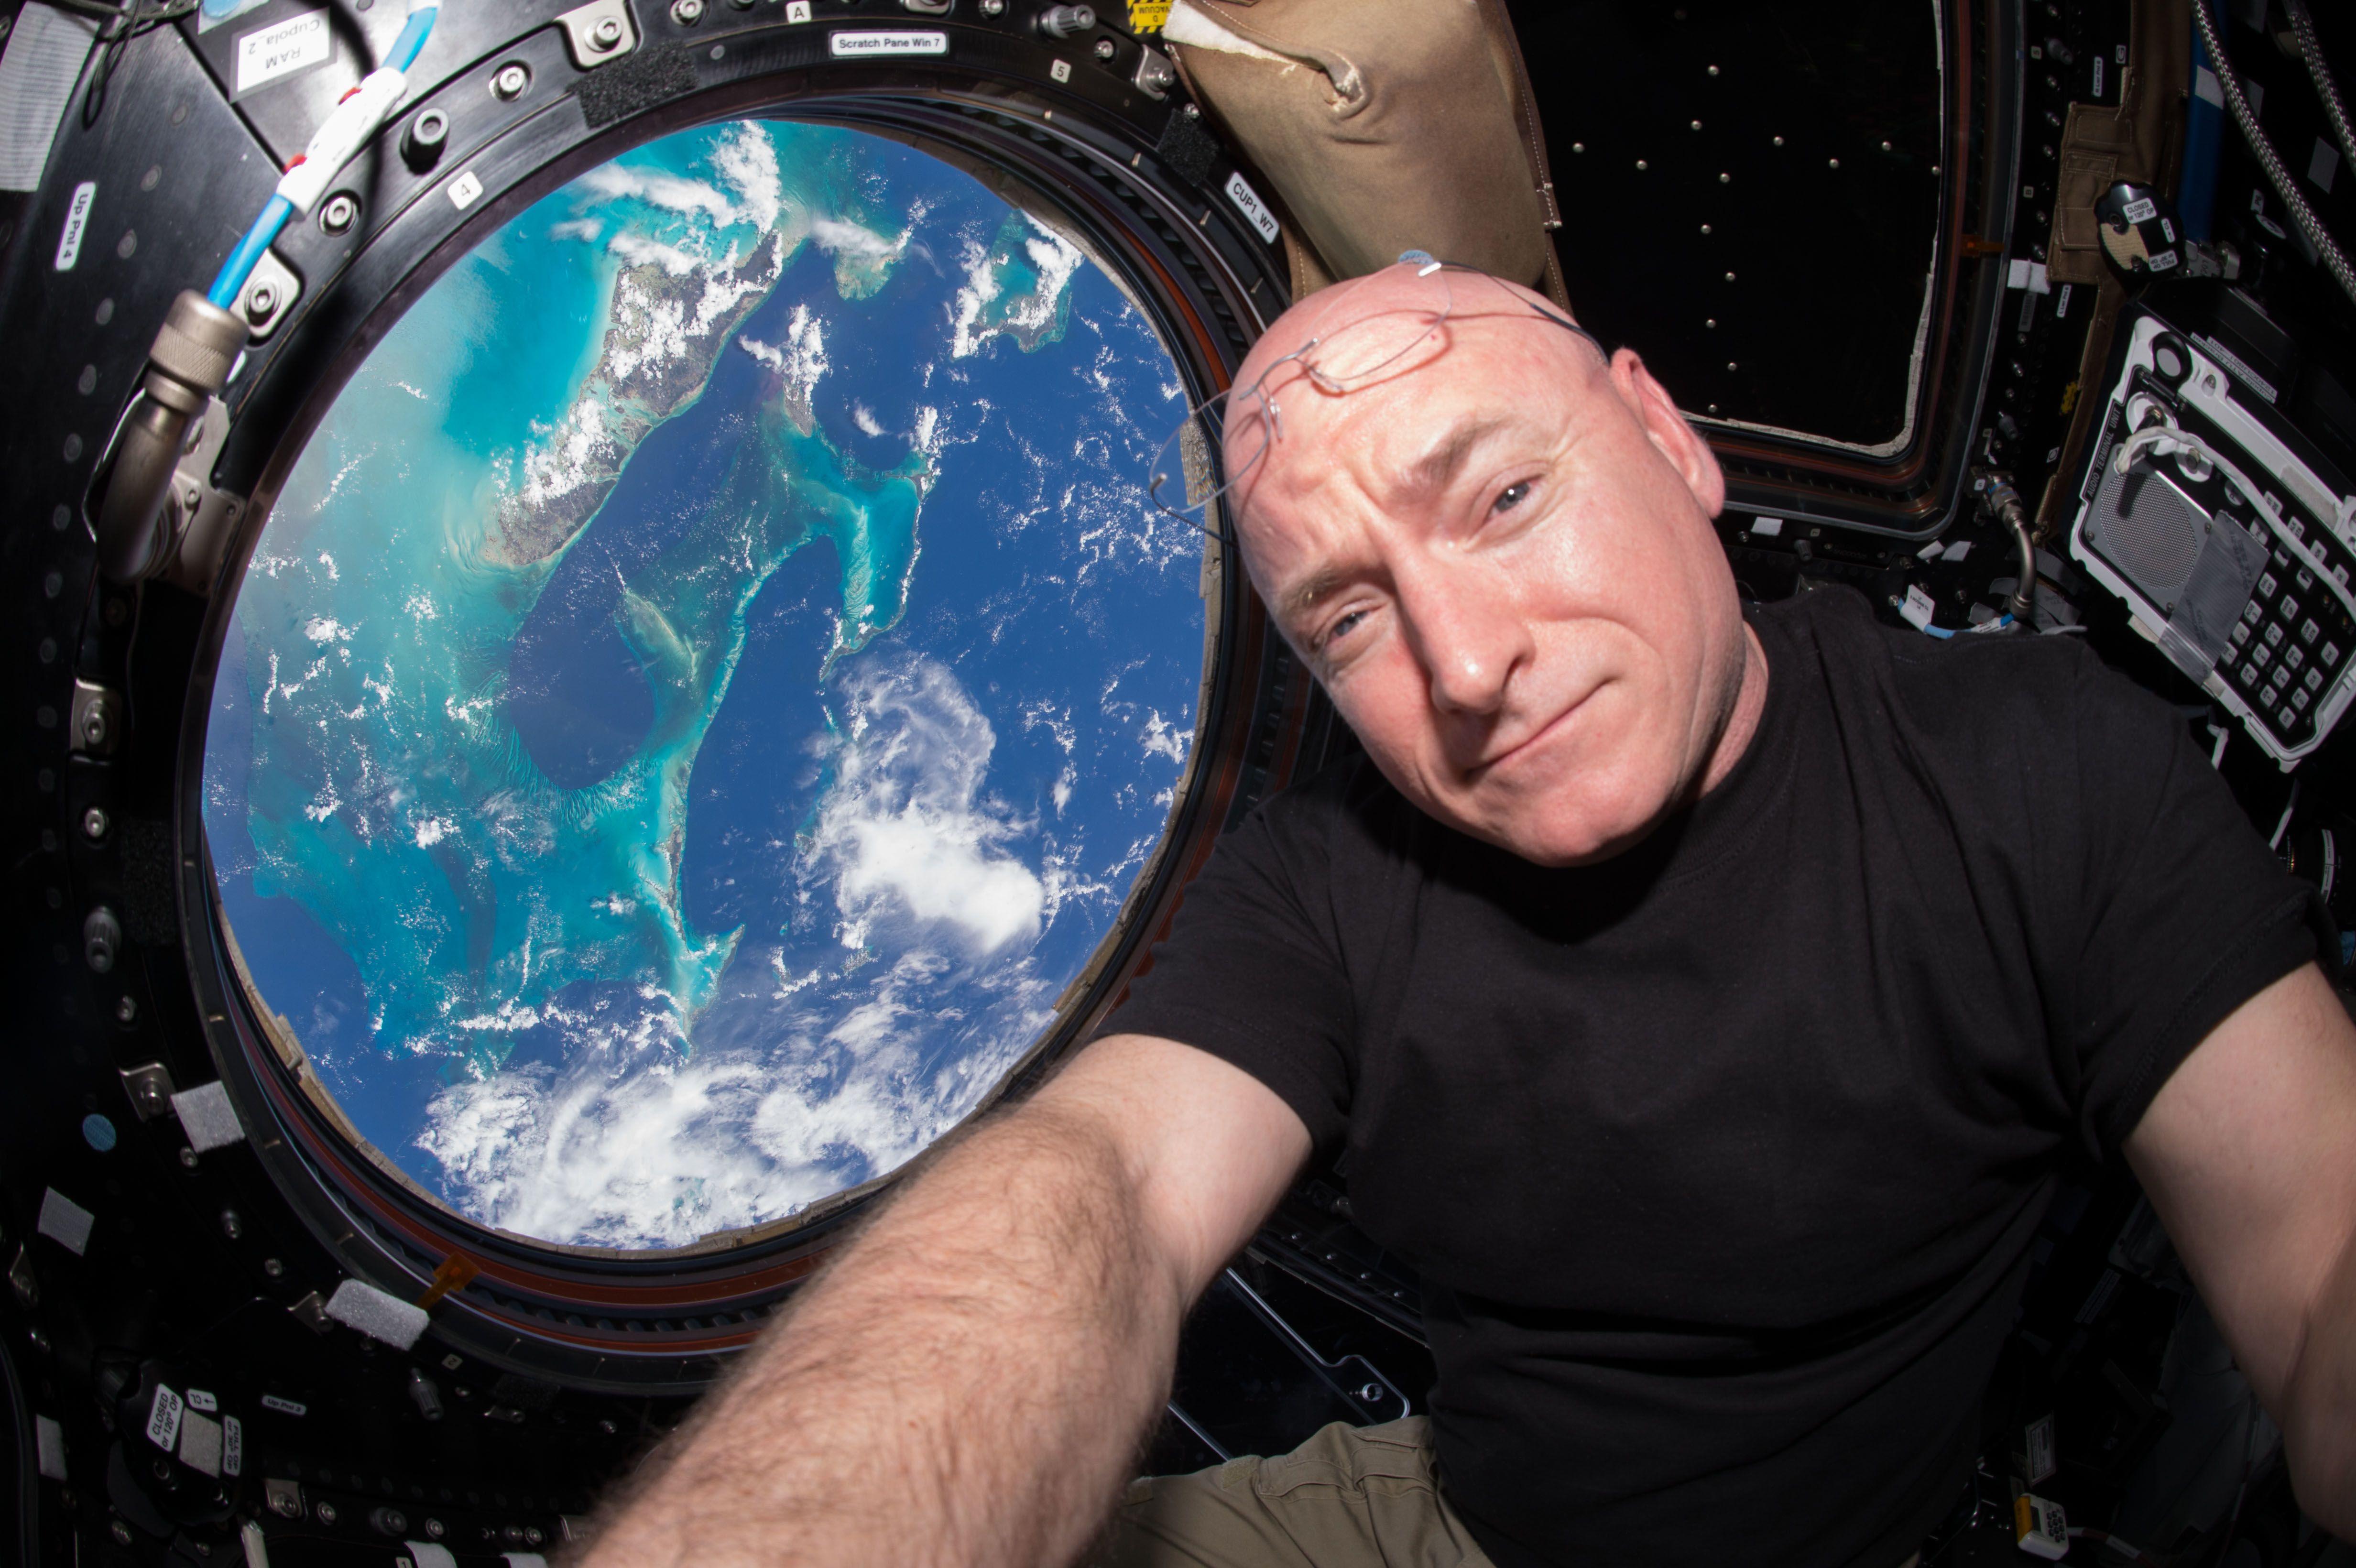 міжнародна космічна станція, скотт келлі_1